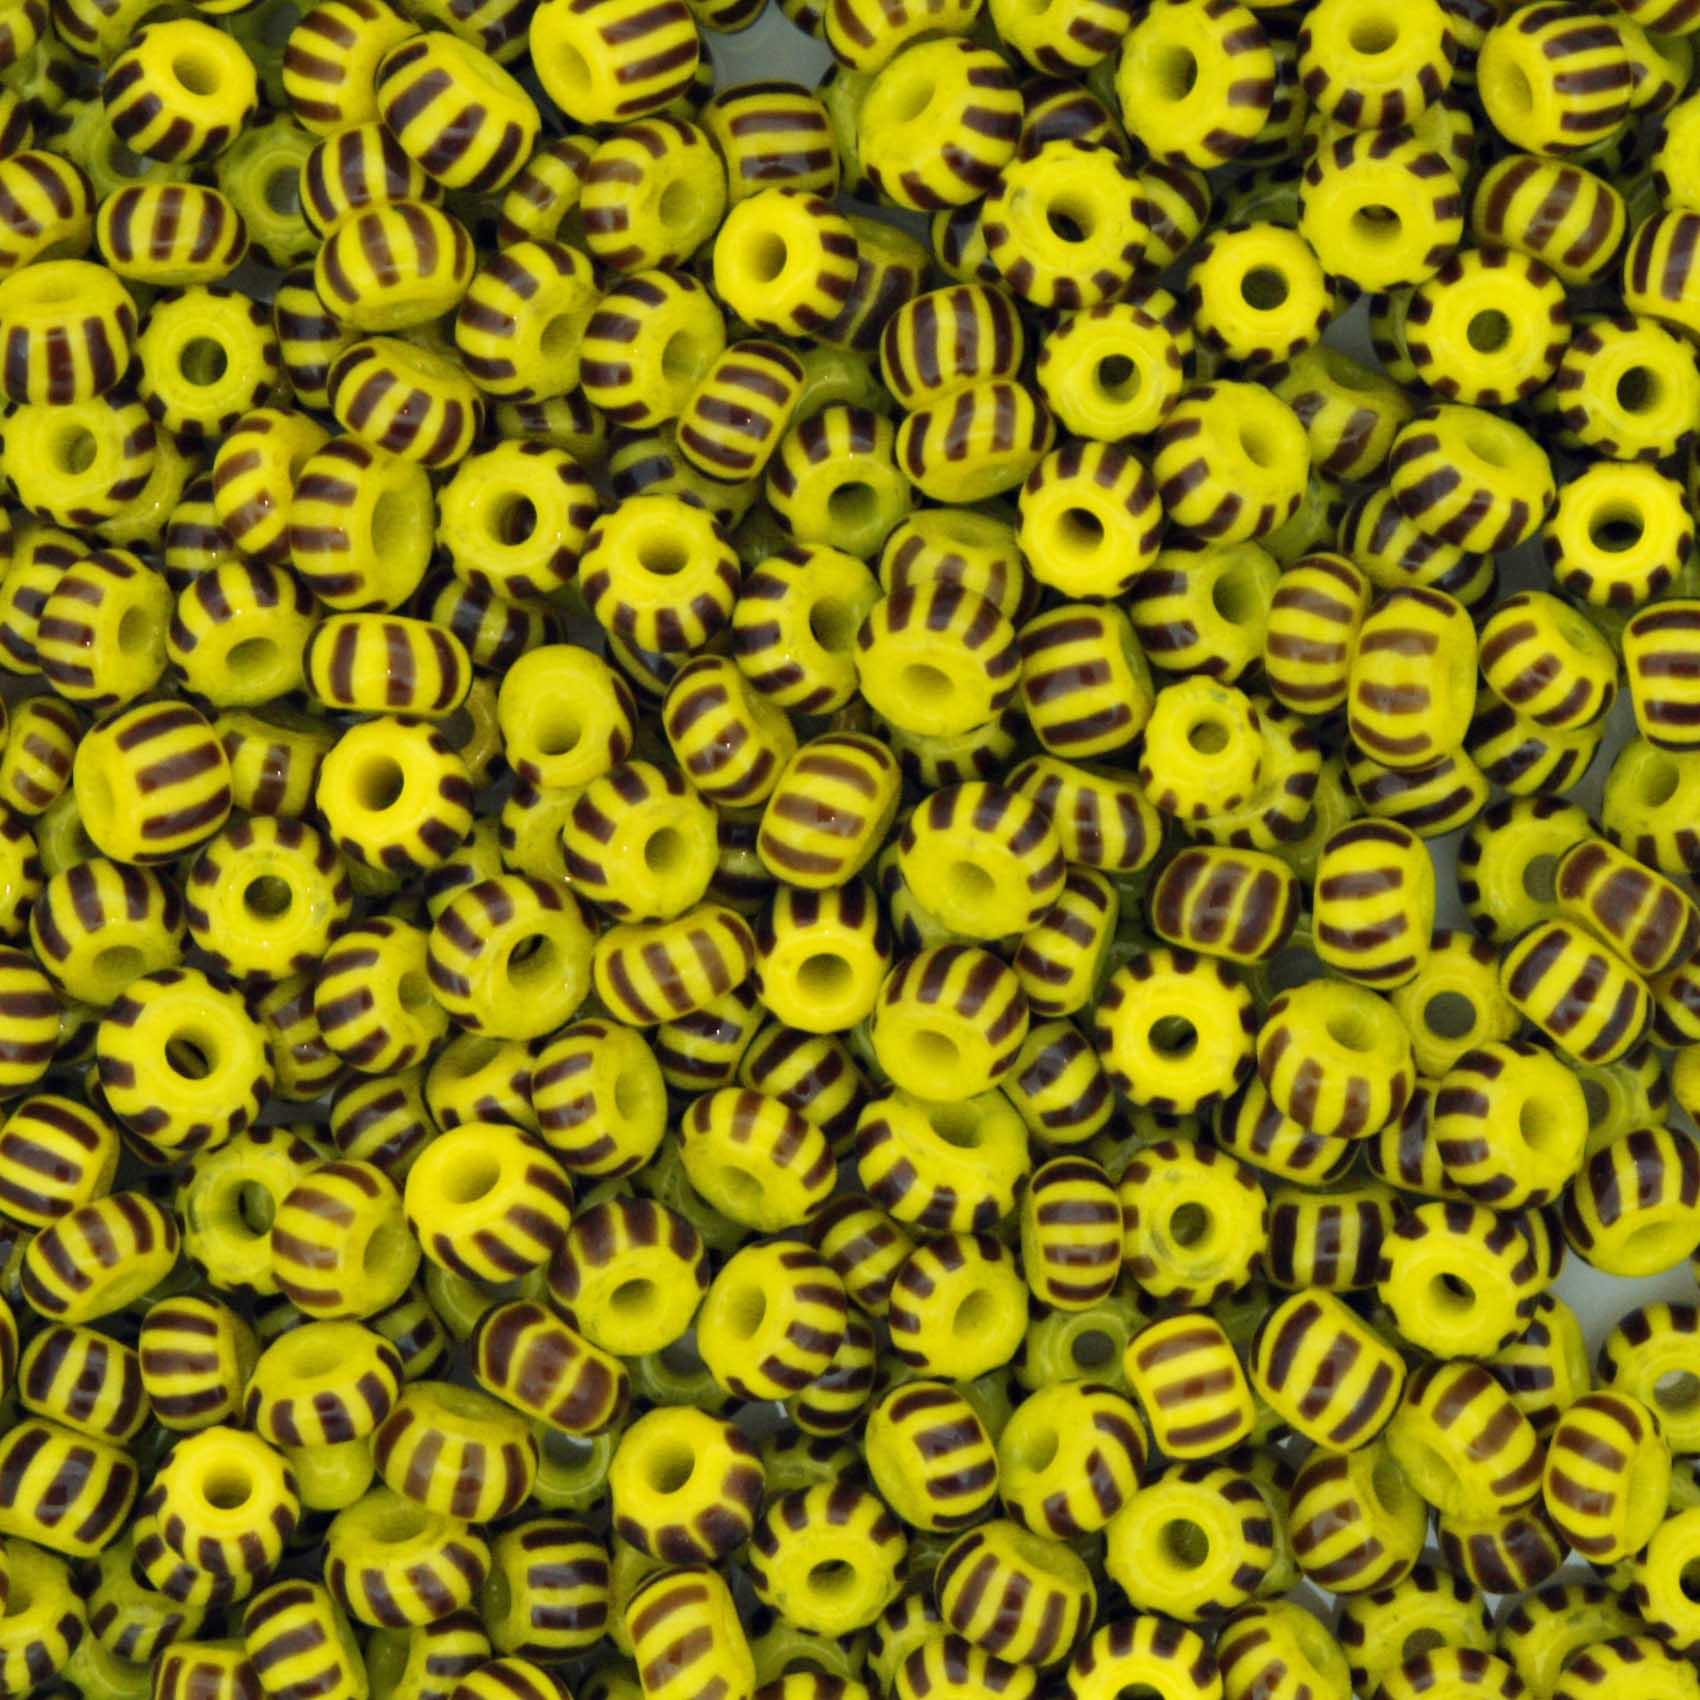 Miçanga - Rajada Especial Amarela e Preta 6/0 [4x3mm]  - Stéphanie Bijoux® - Peças para Bijuterias e Artesanato